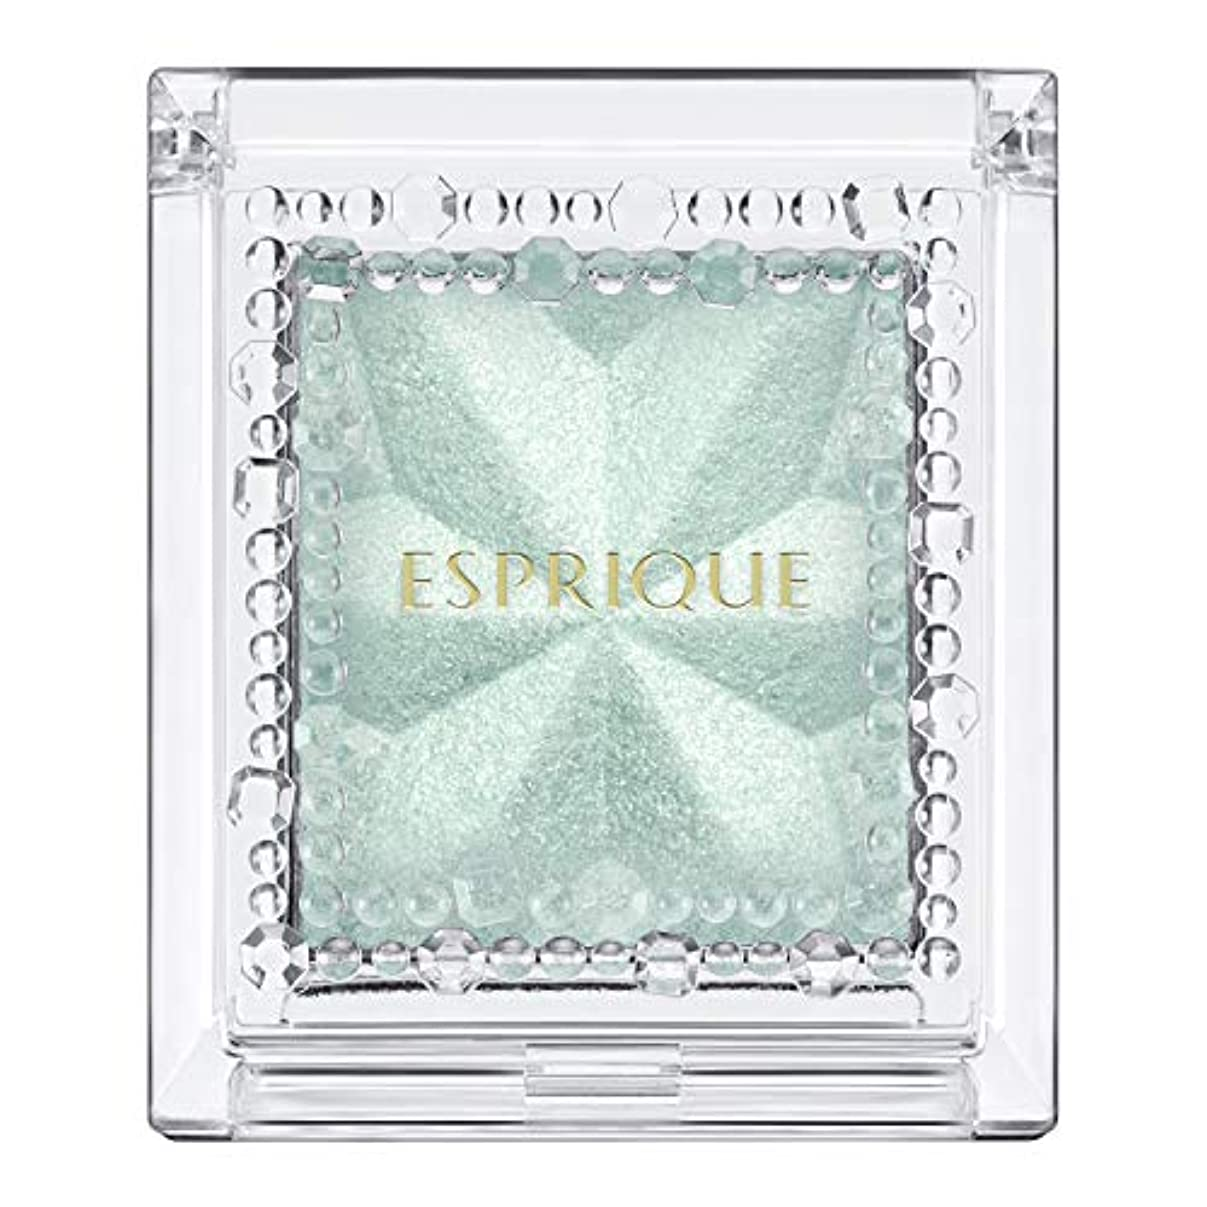 印象的な祝福する乳剤ESPRIQUE(エスプリーク) エスプリーク セレクト アイカラー N アイシャドウ GR700 1.5g